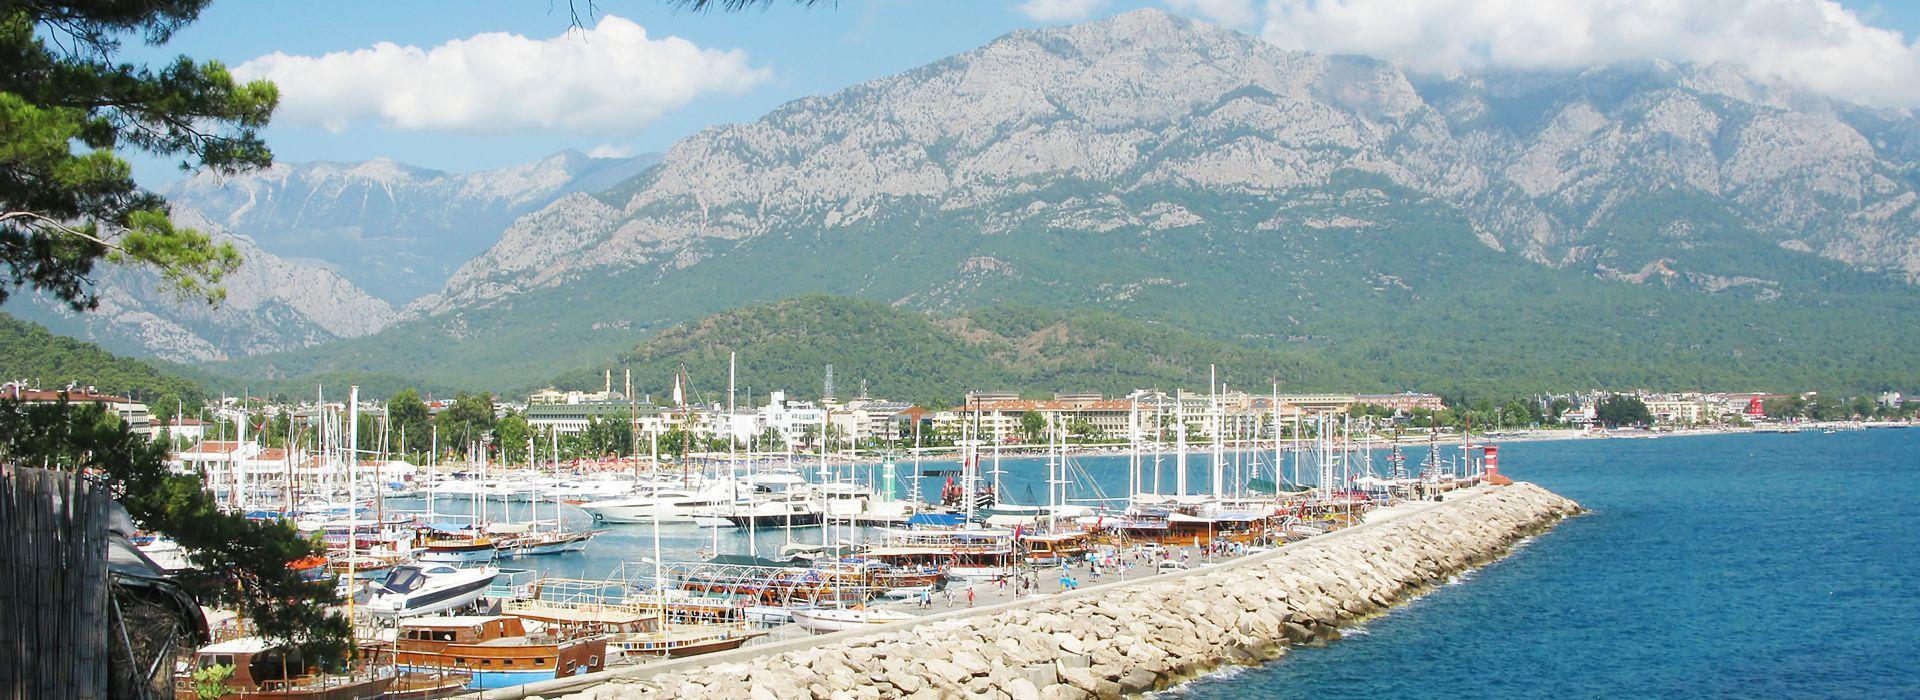 Фото пляжей Кемера, Турция » Карта путешественника